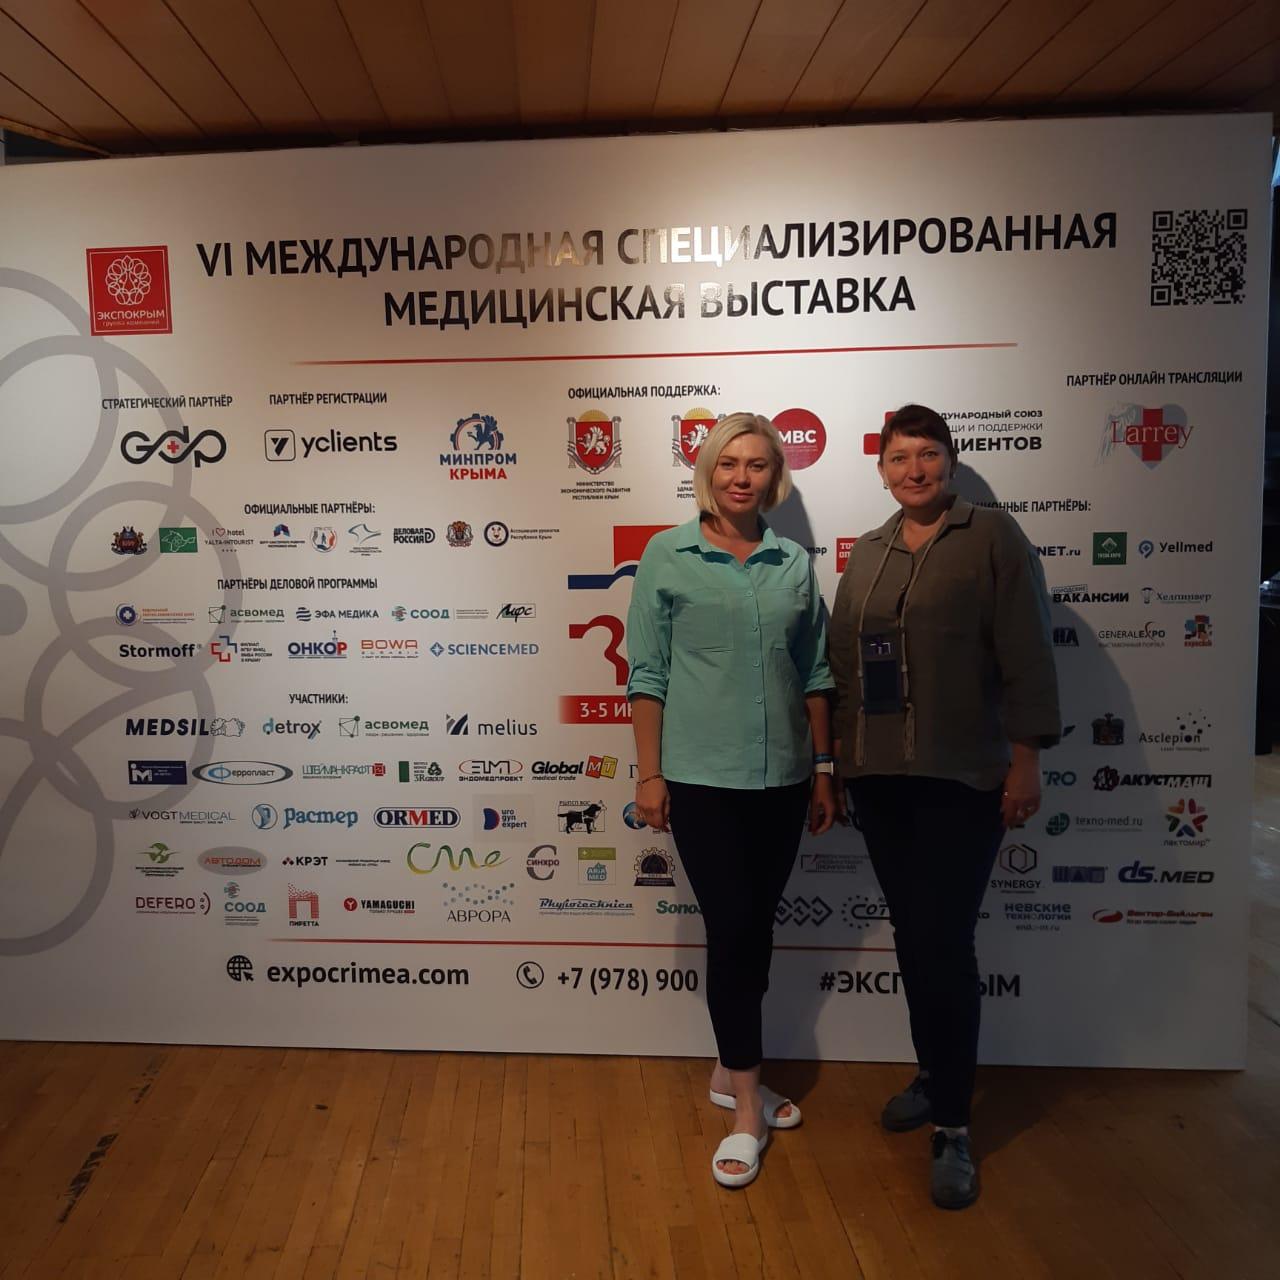 III Всероссийский Конгресс в рамках VI специализированной медицинской выставки «Здравоохранение. Крым 2021»